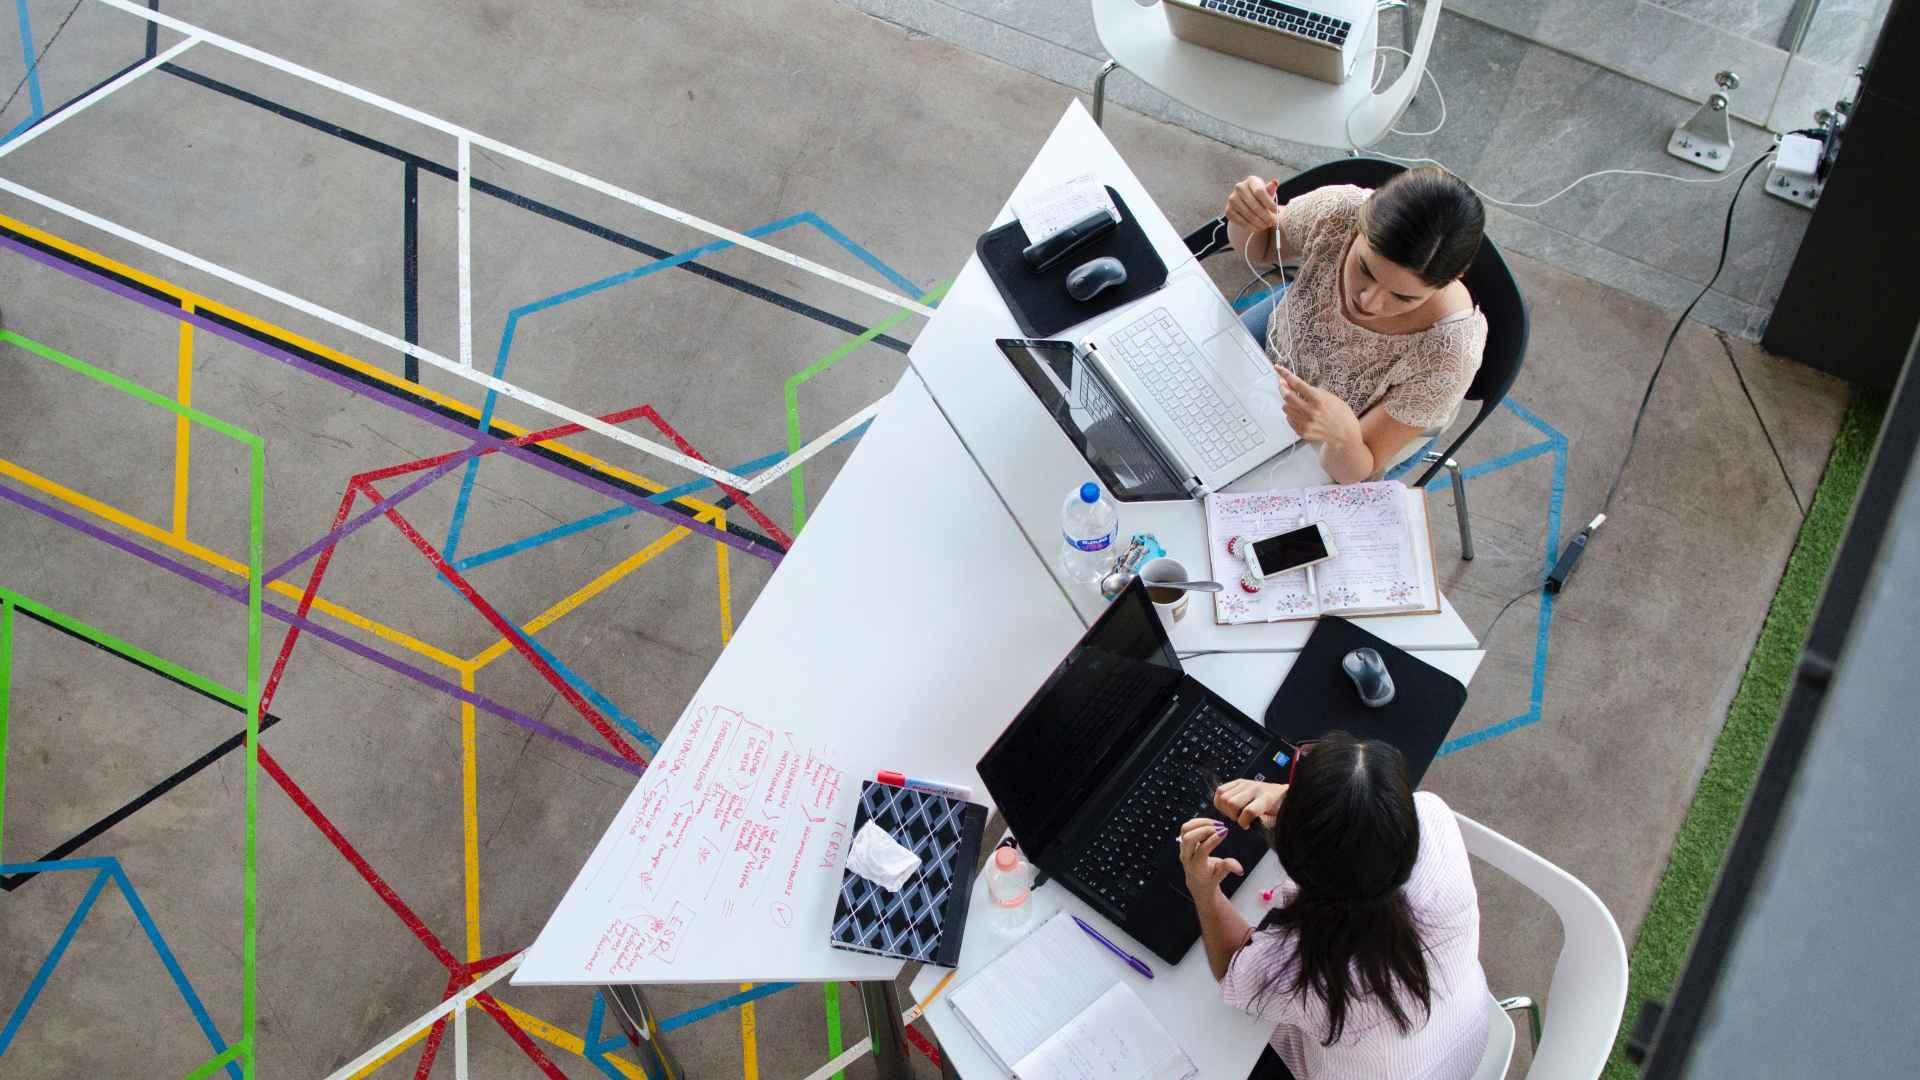 ¿Qué son los espacios flexibles en el trabajo?